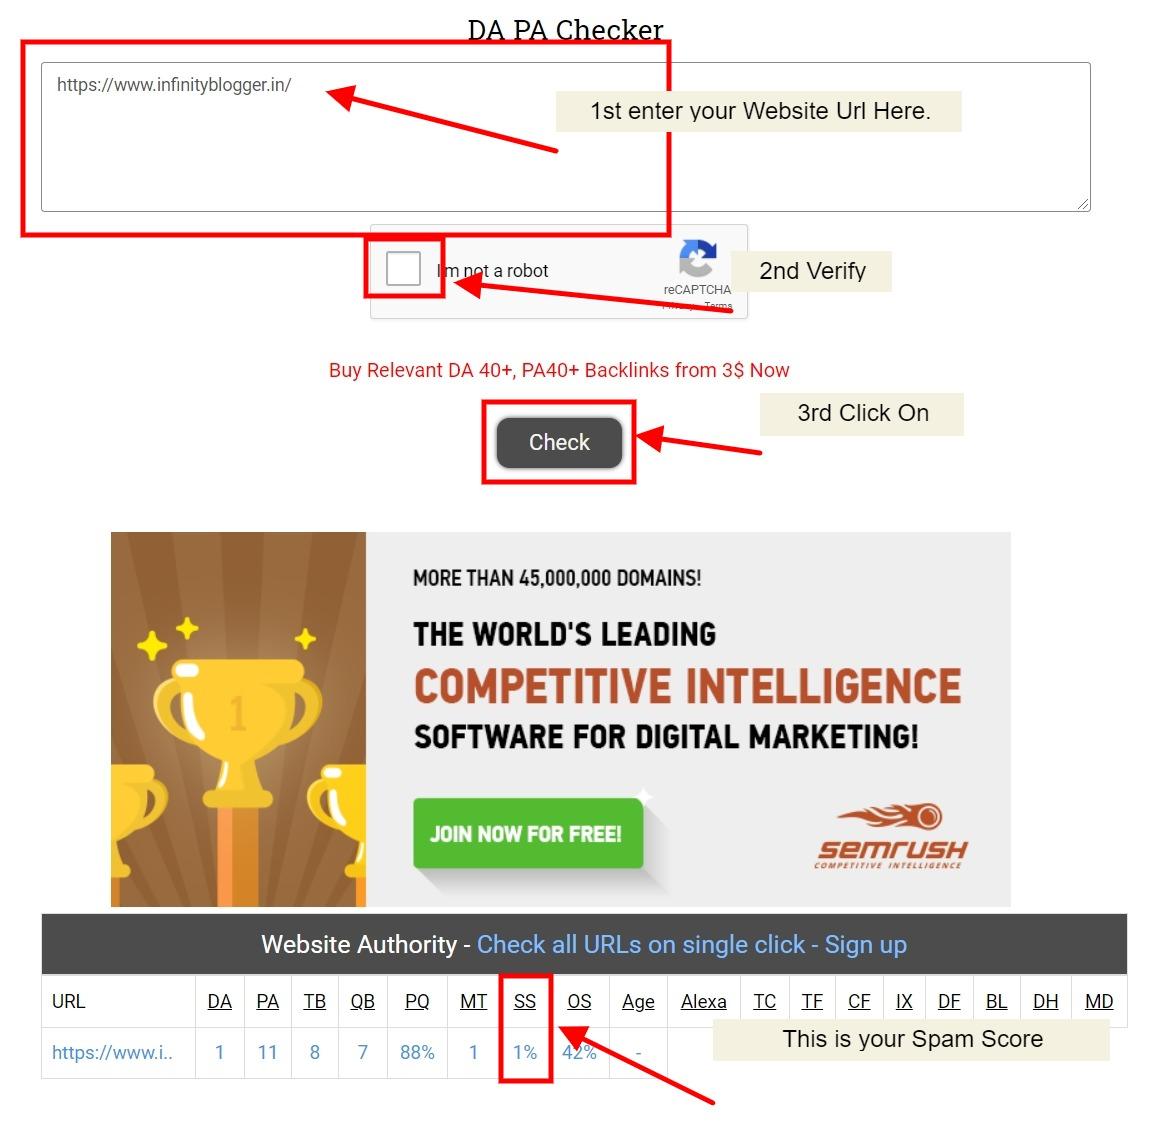 screenshot websiteseochecker.com 2021.01.13 21 31 04